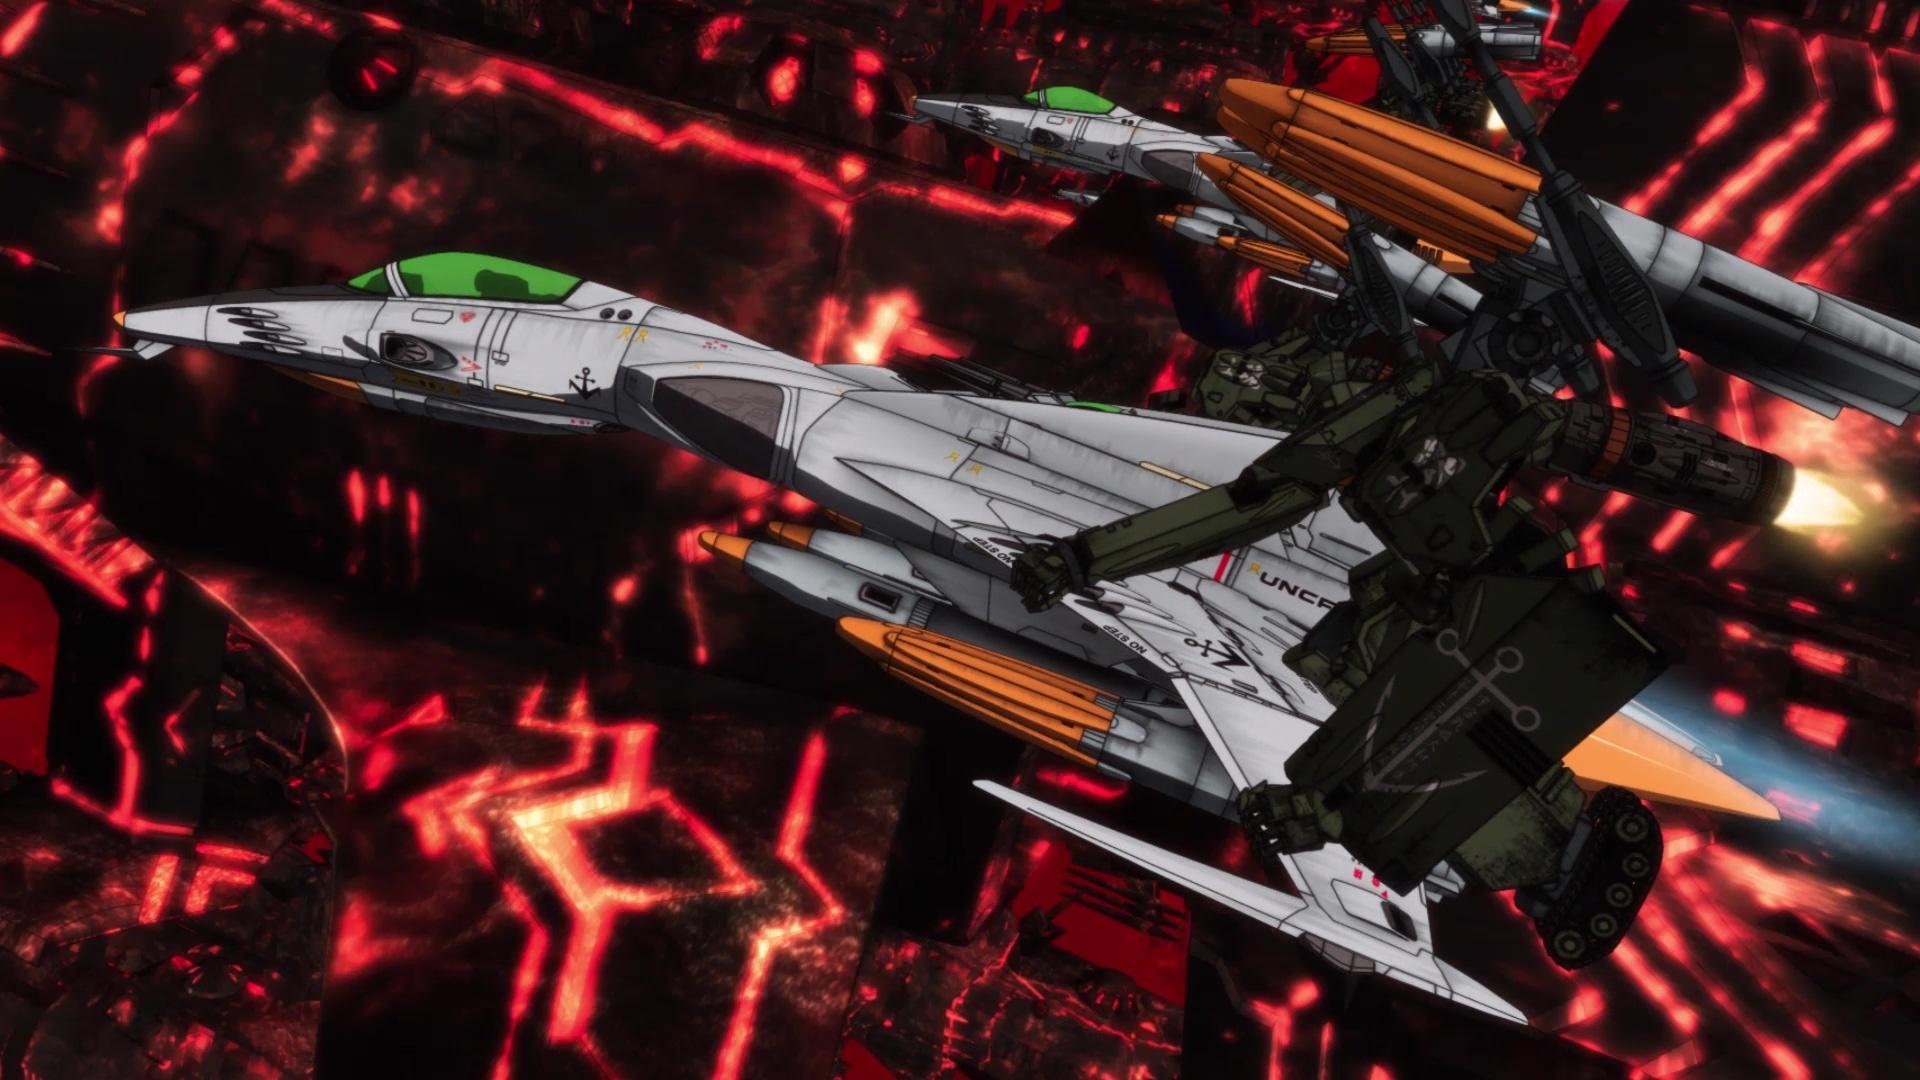 『宇宙戦艦ヤマト2202 愛の戦士たち』第七章「新星篇」の本予告・最新場面カットが到着!の画像-6